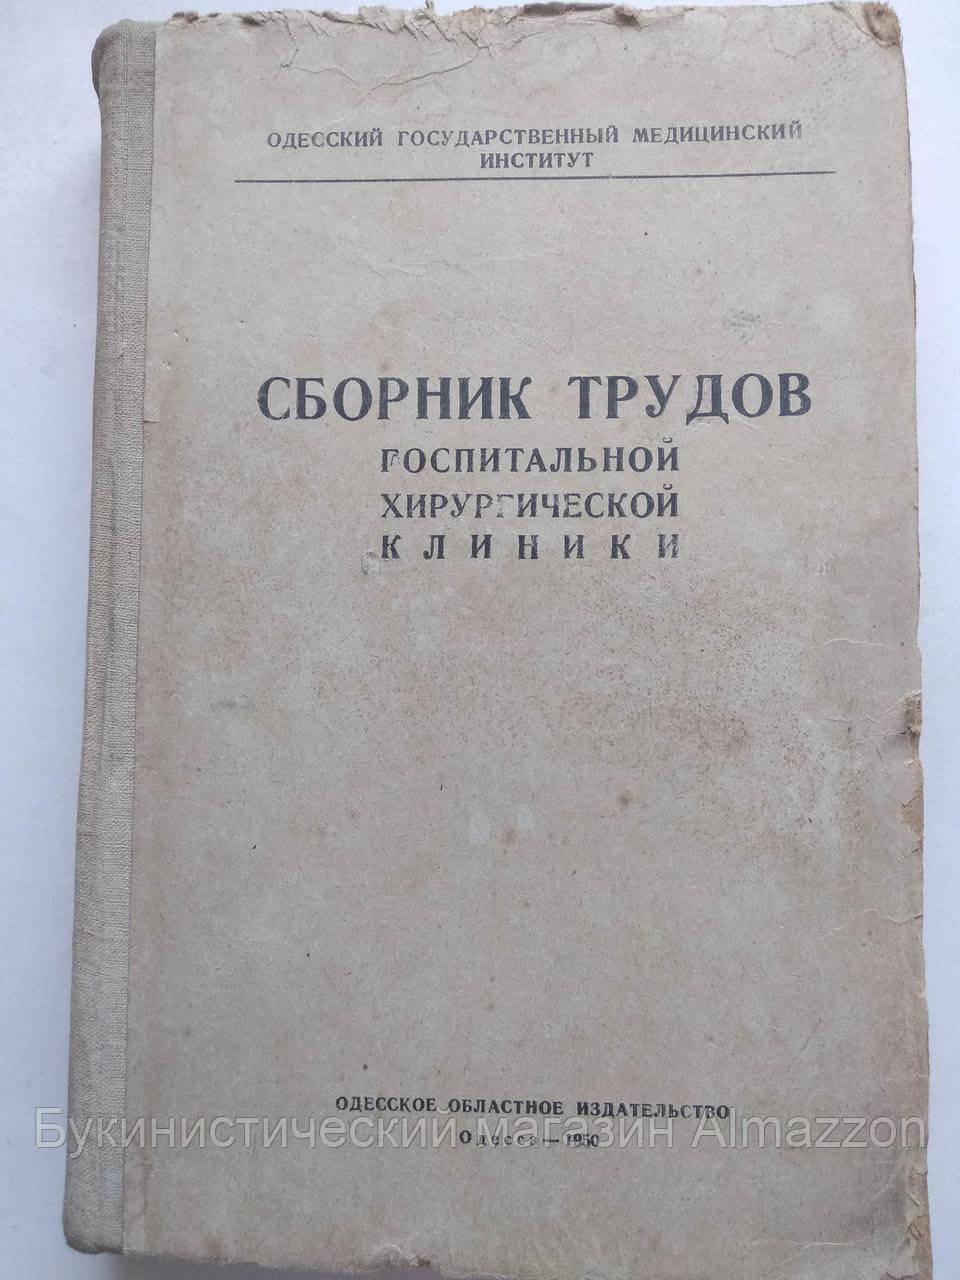 Сборник трудов госпитальной хирургической клиники Одесса